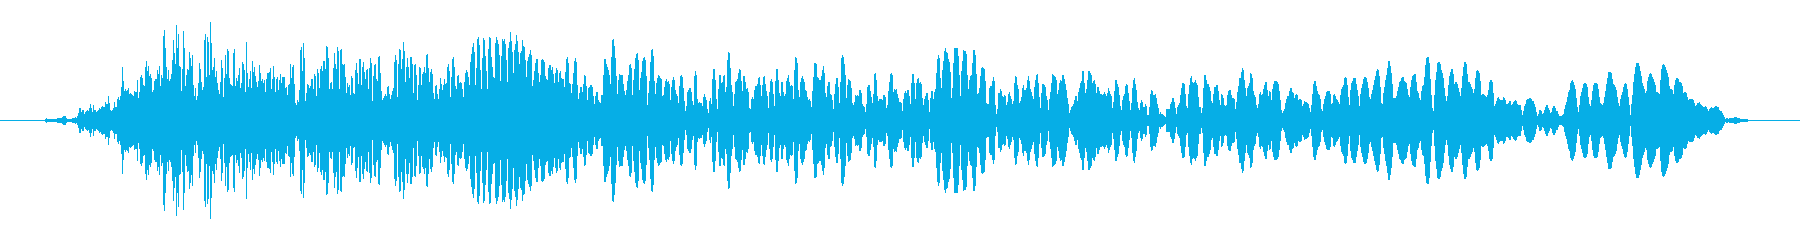 インパクトヘビーパワーダウンの再生済みの波形